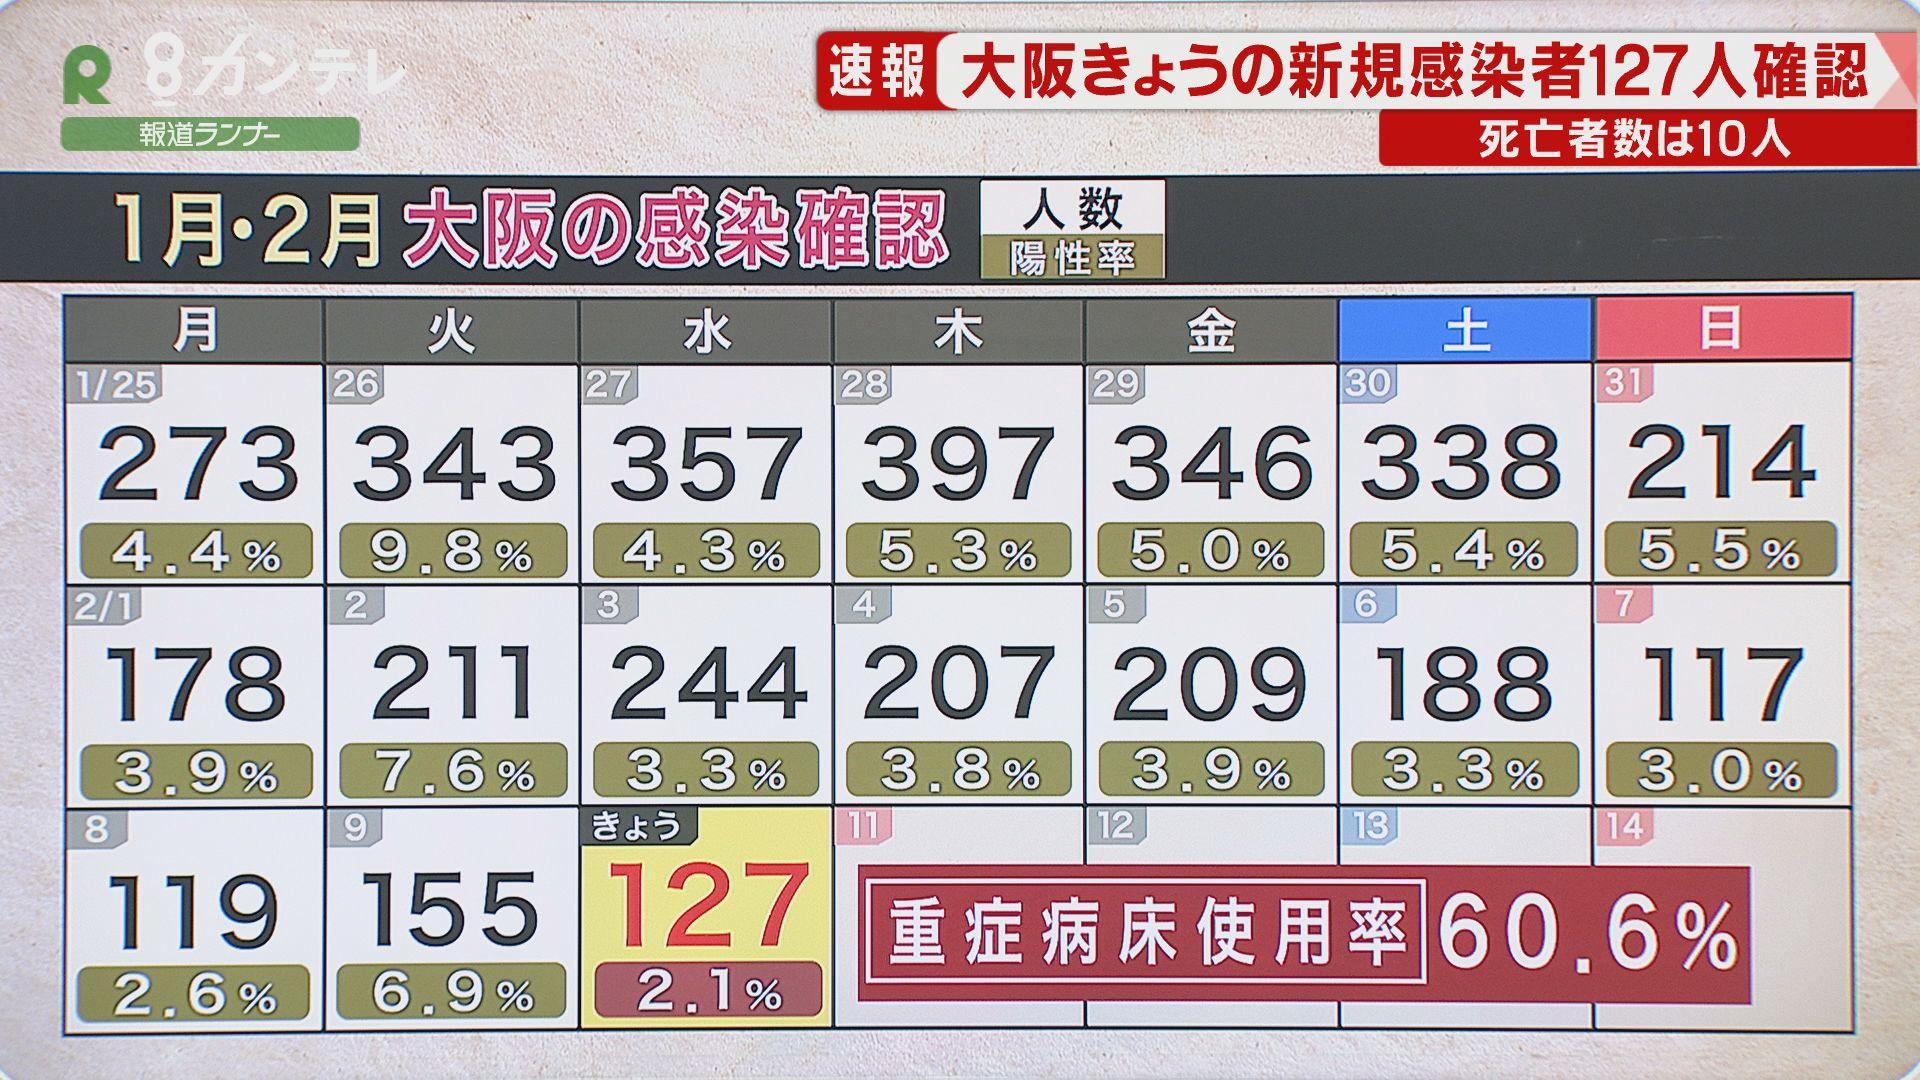 【速報】大阪で新たに127人の感染確認 感染者10人が死亡